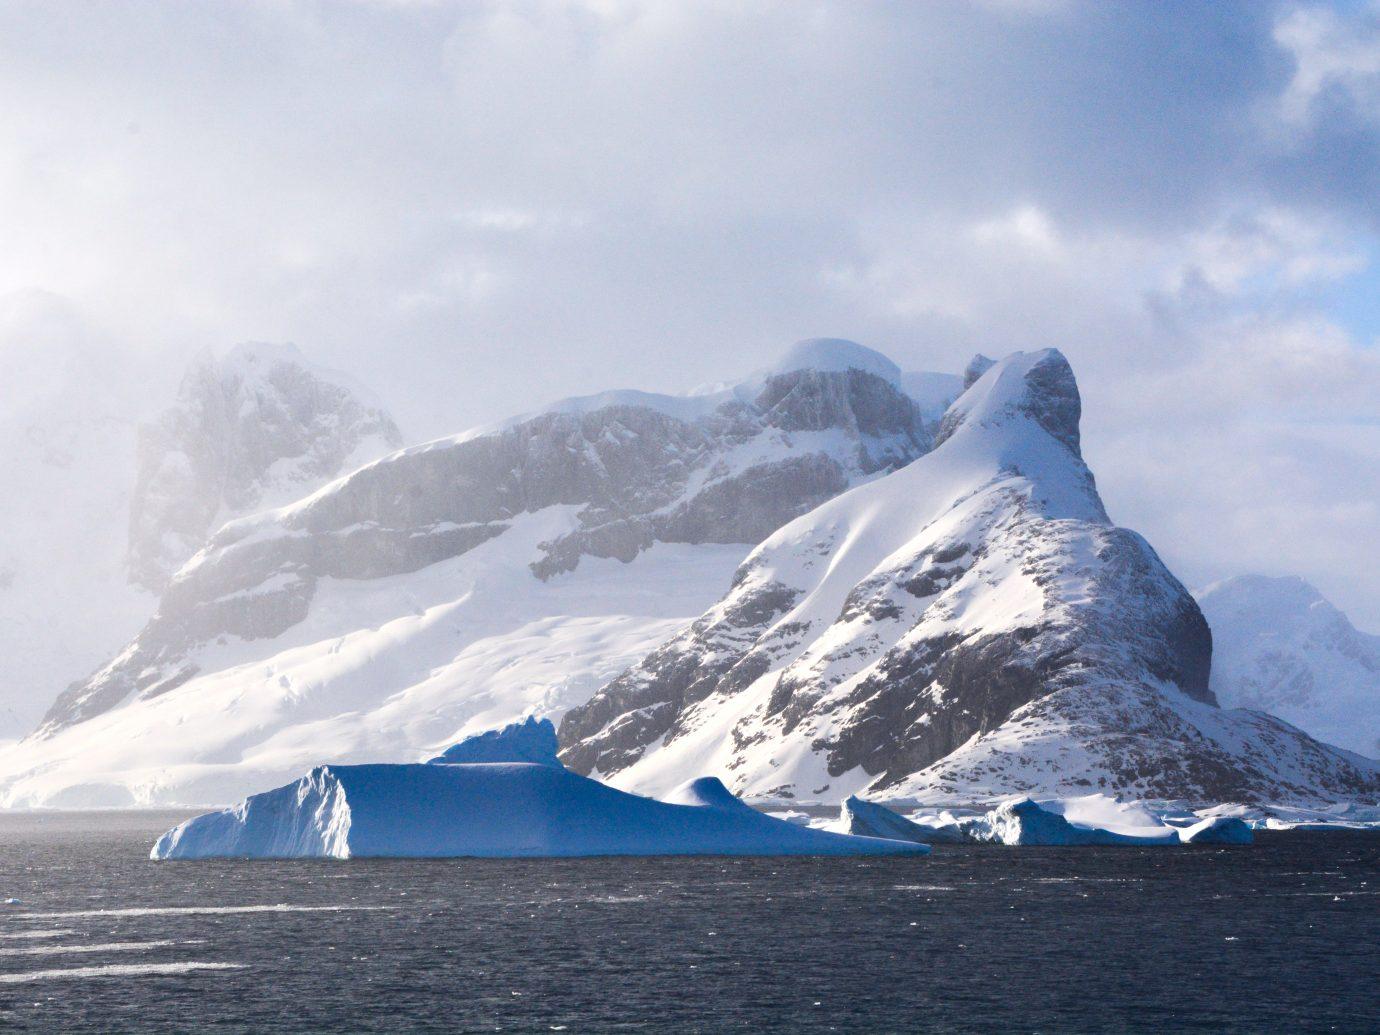 Iceberg with mountain at sunrise